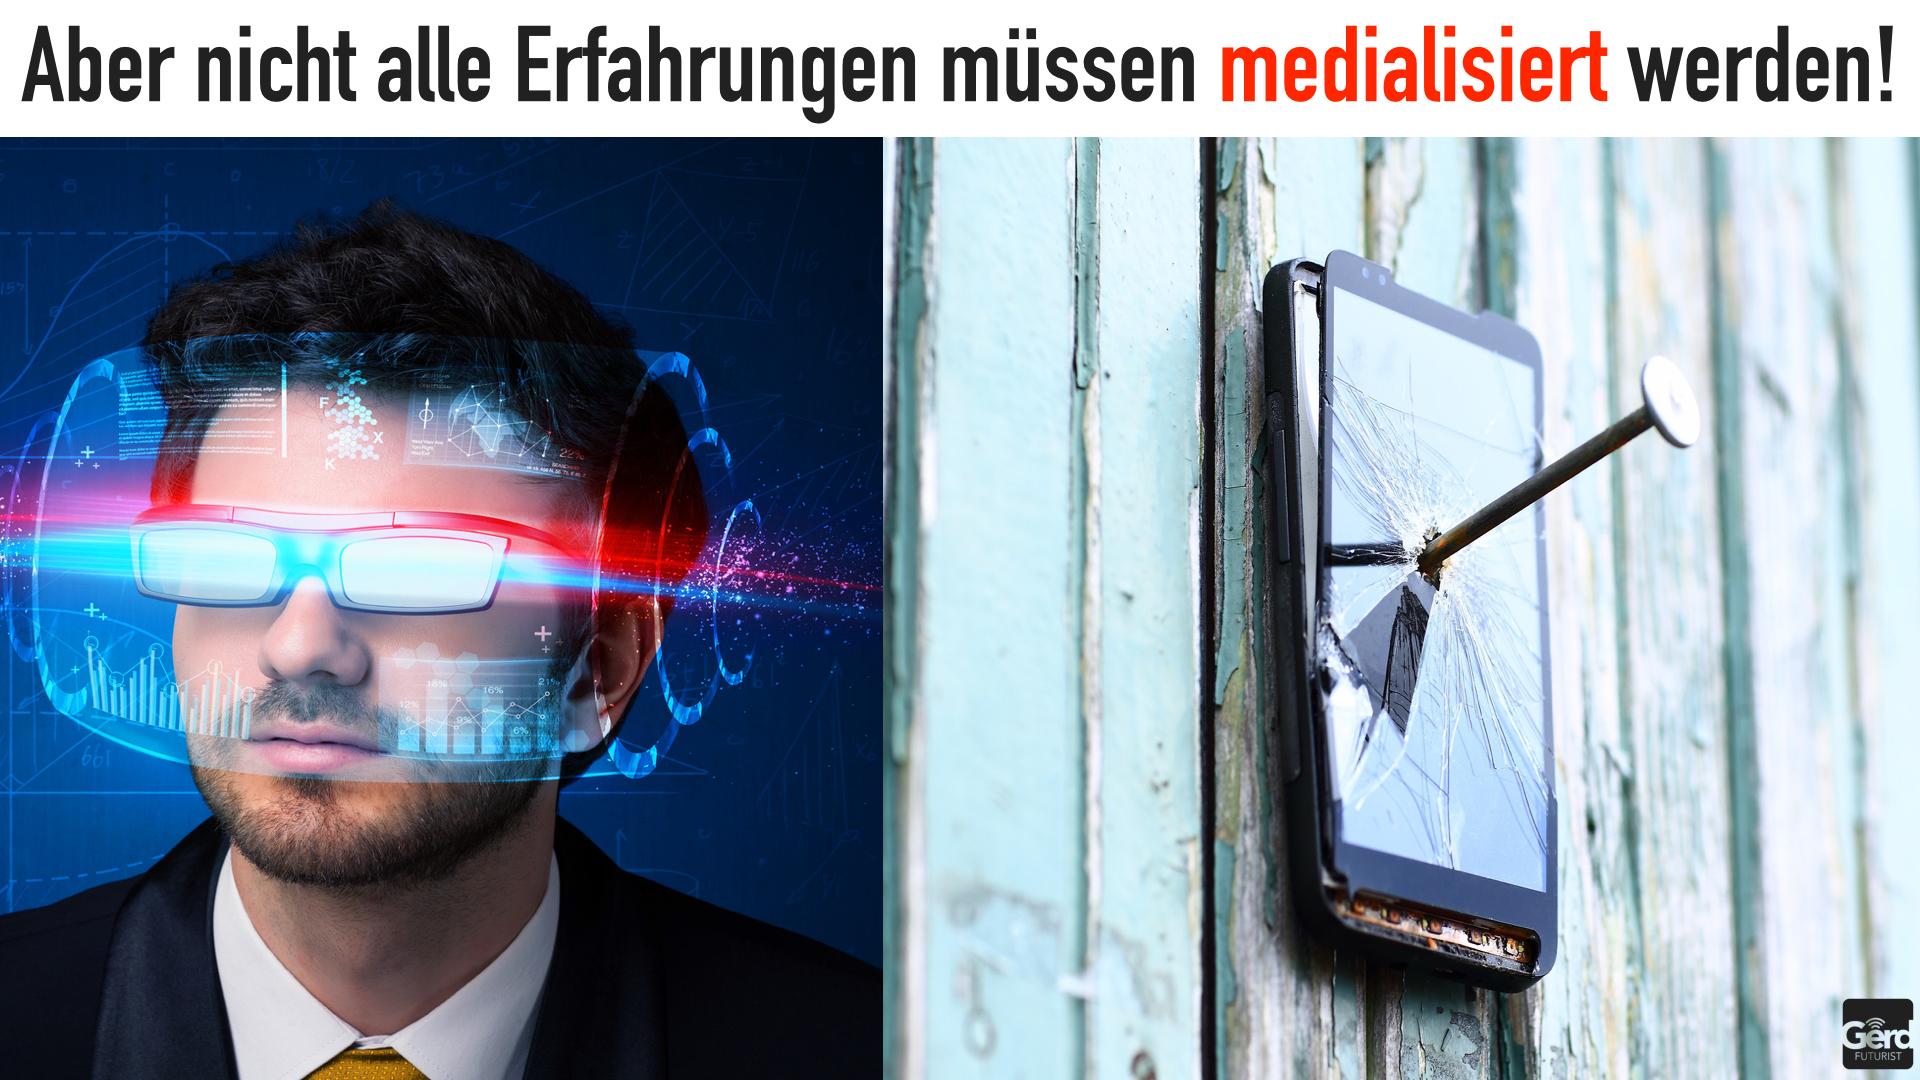 Zukunft der Medien Gerd Leonhard Disruption  Transformation  Public.029